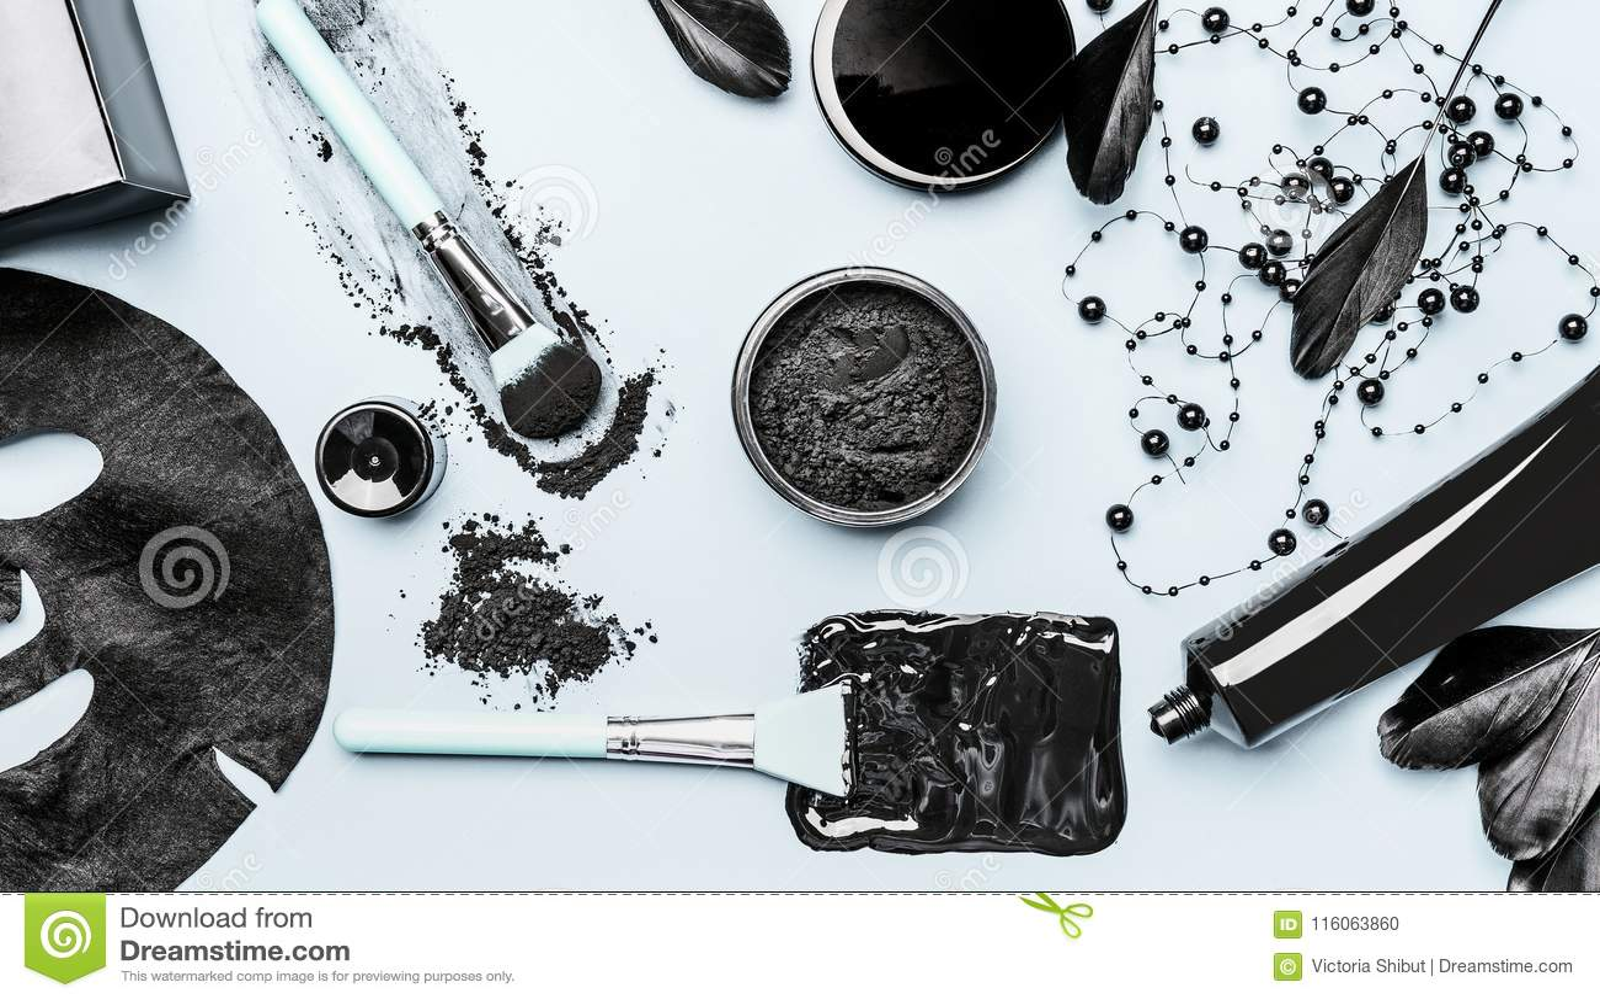 O ajuste cosmético facial ativado do carvão vegetal com pó, máscara principal preta, máscara da folha e beleza utiliza ferramenta